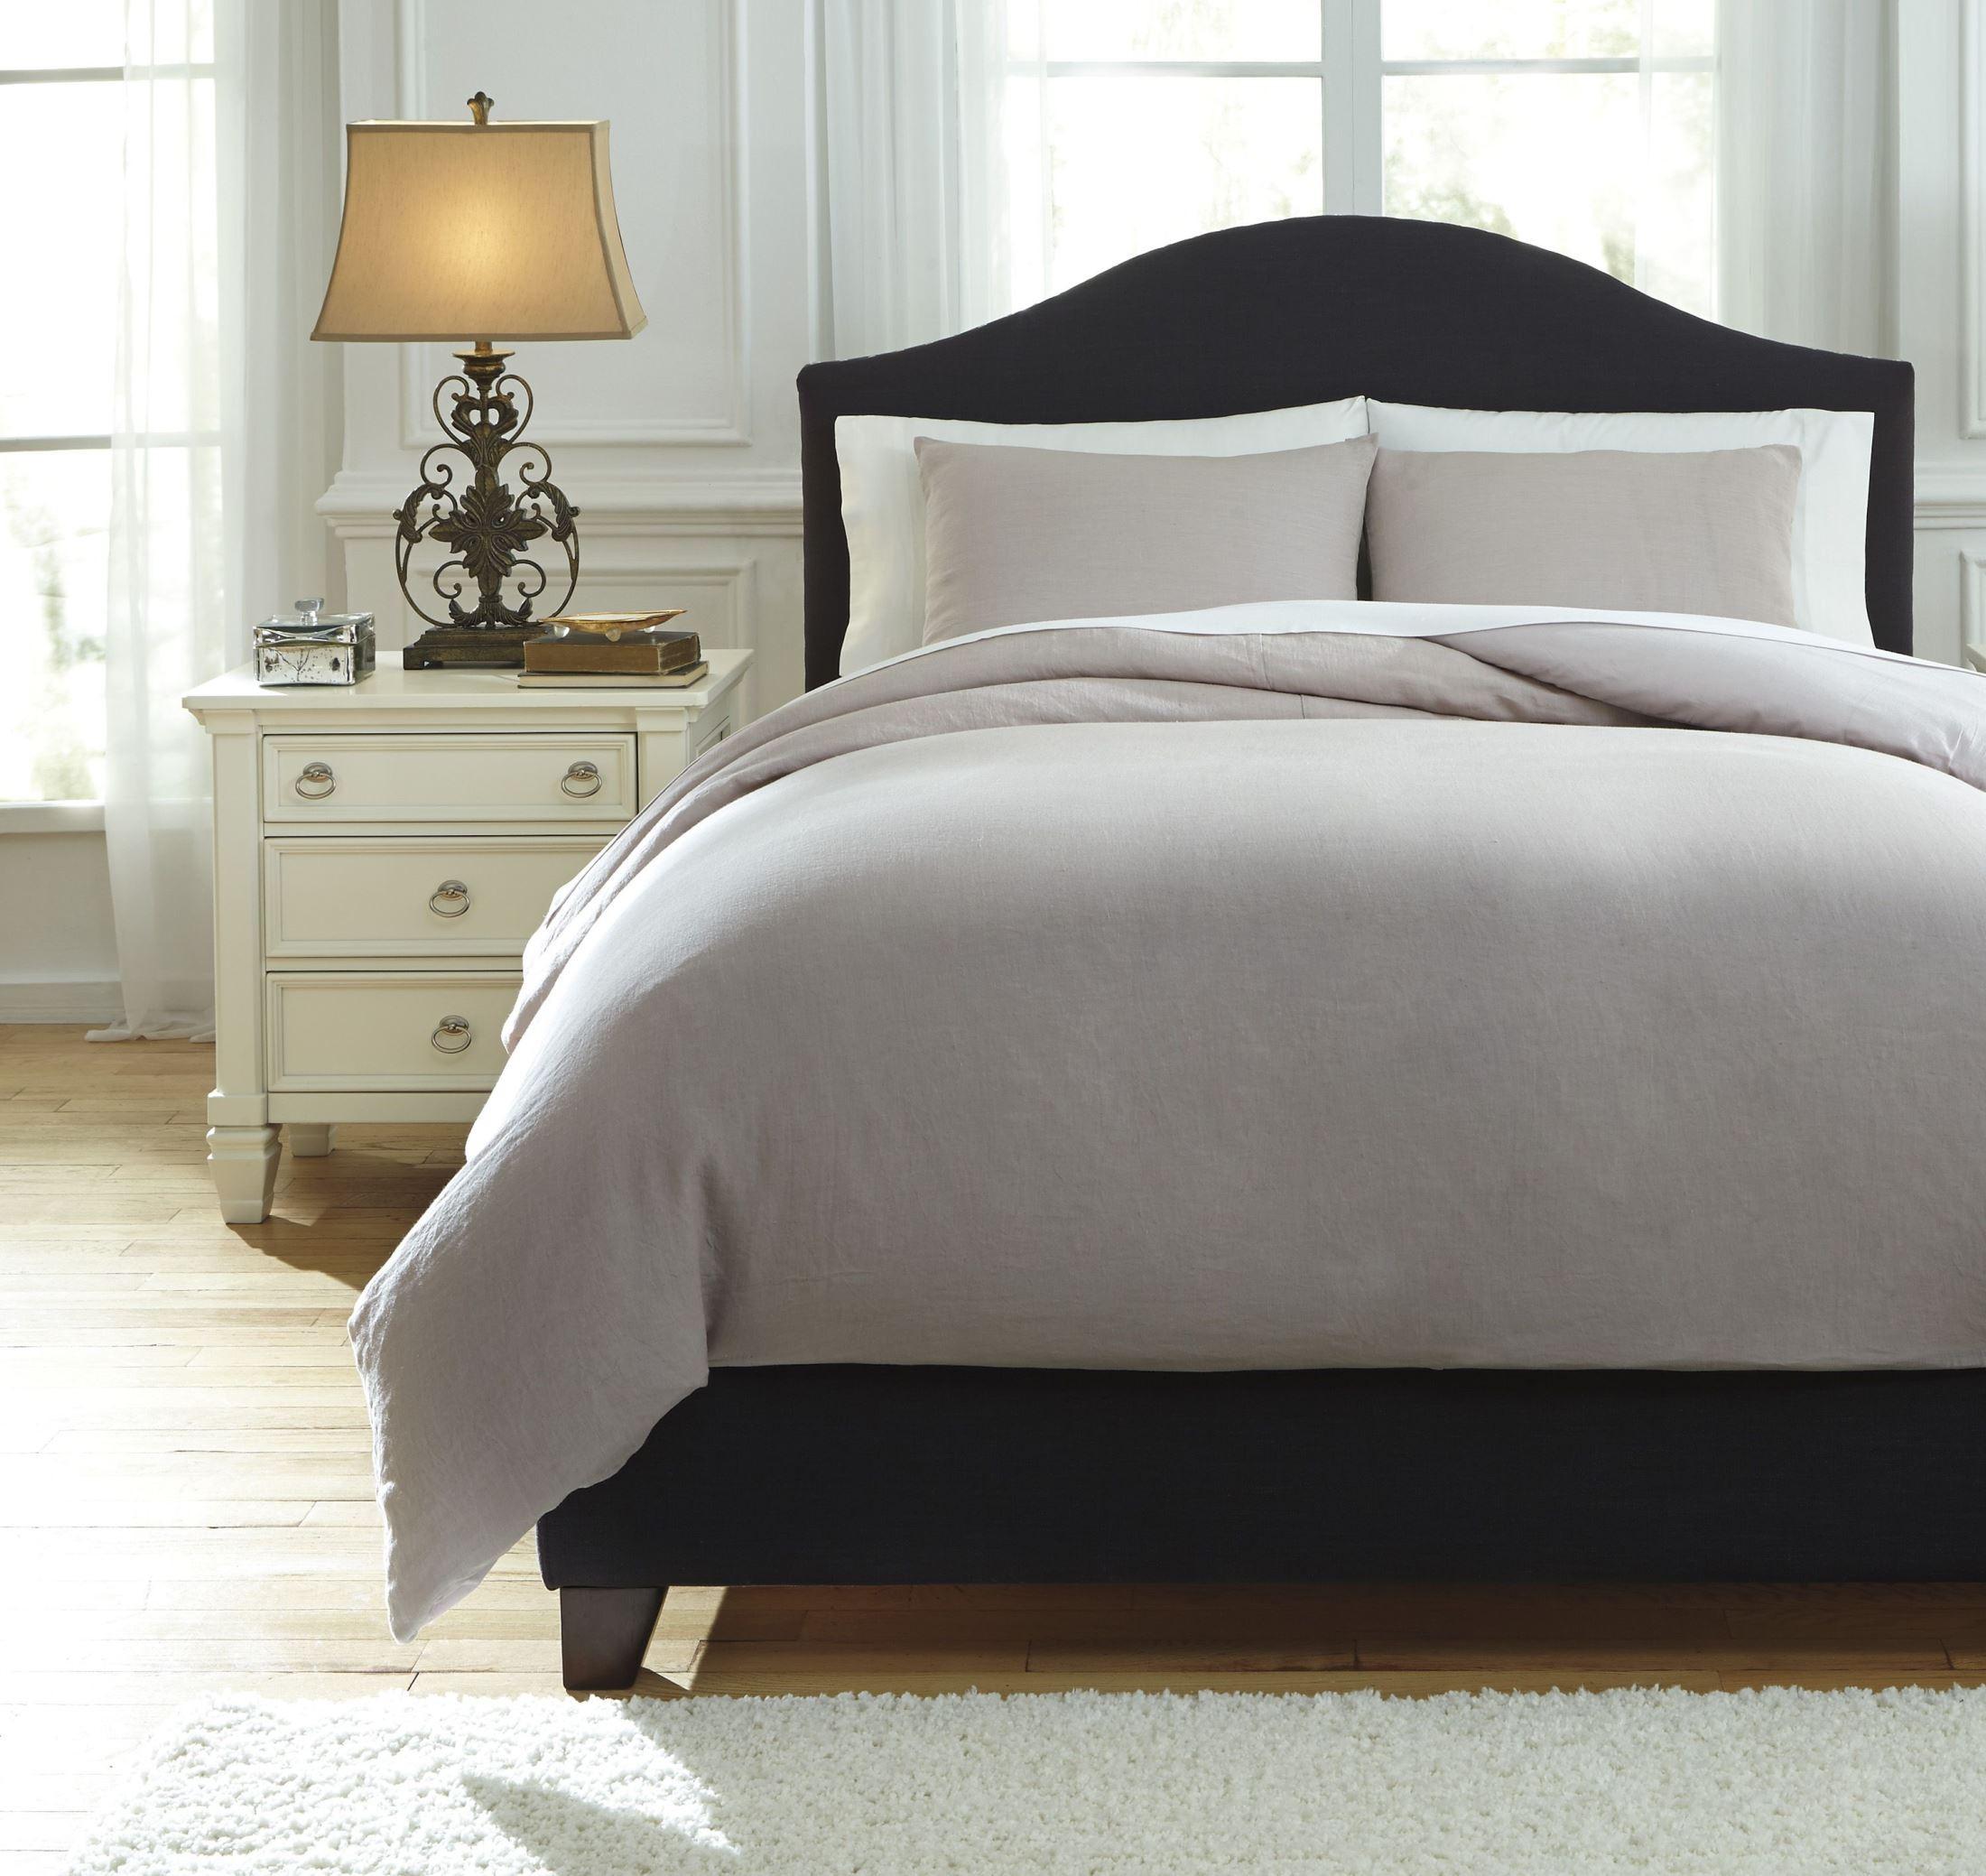 bergden light gray king duvet cover set from ashley q734023k coleman furniture. Black Bedroom Furniture Sets. Home Design Ideas